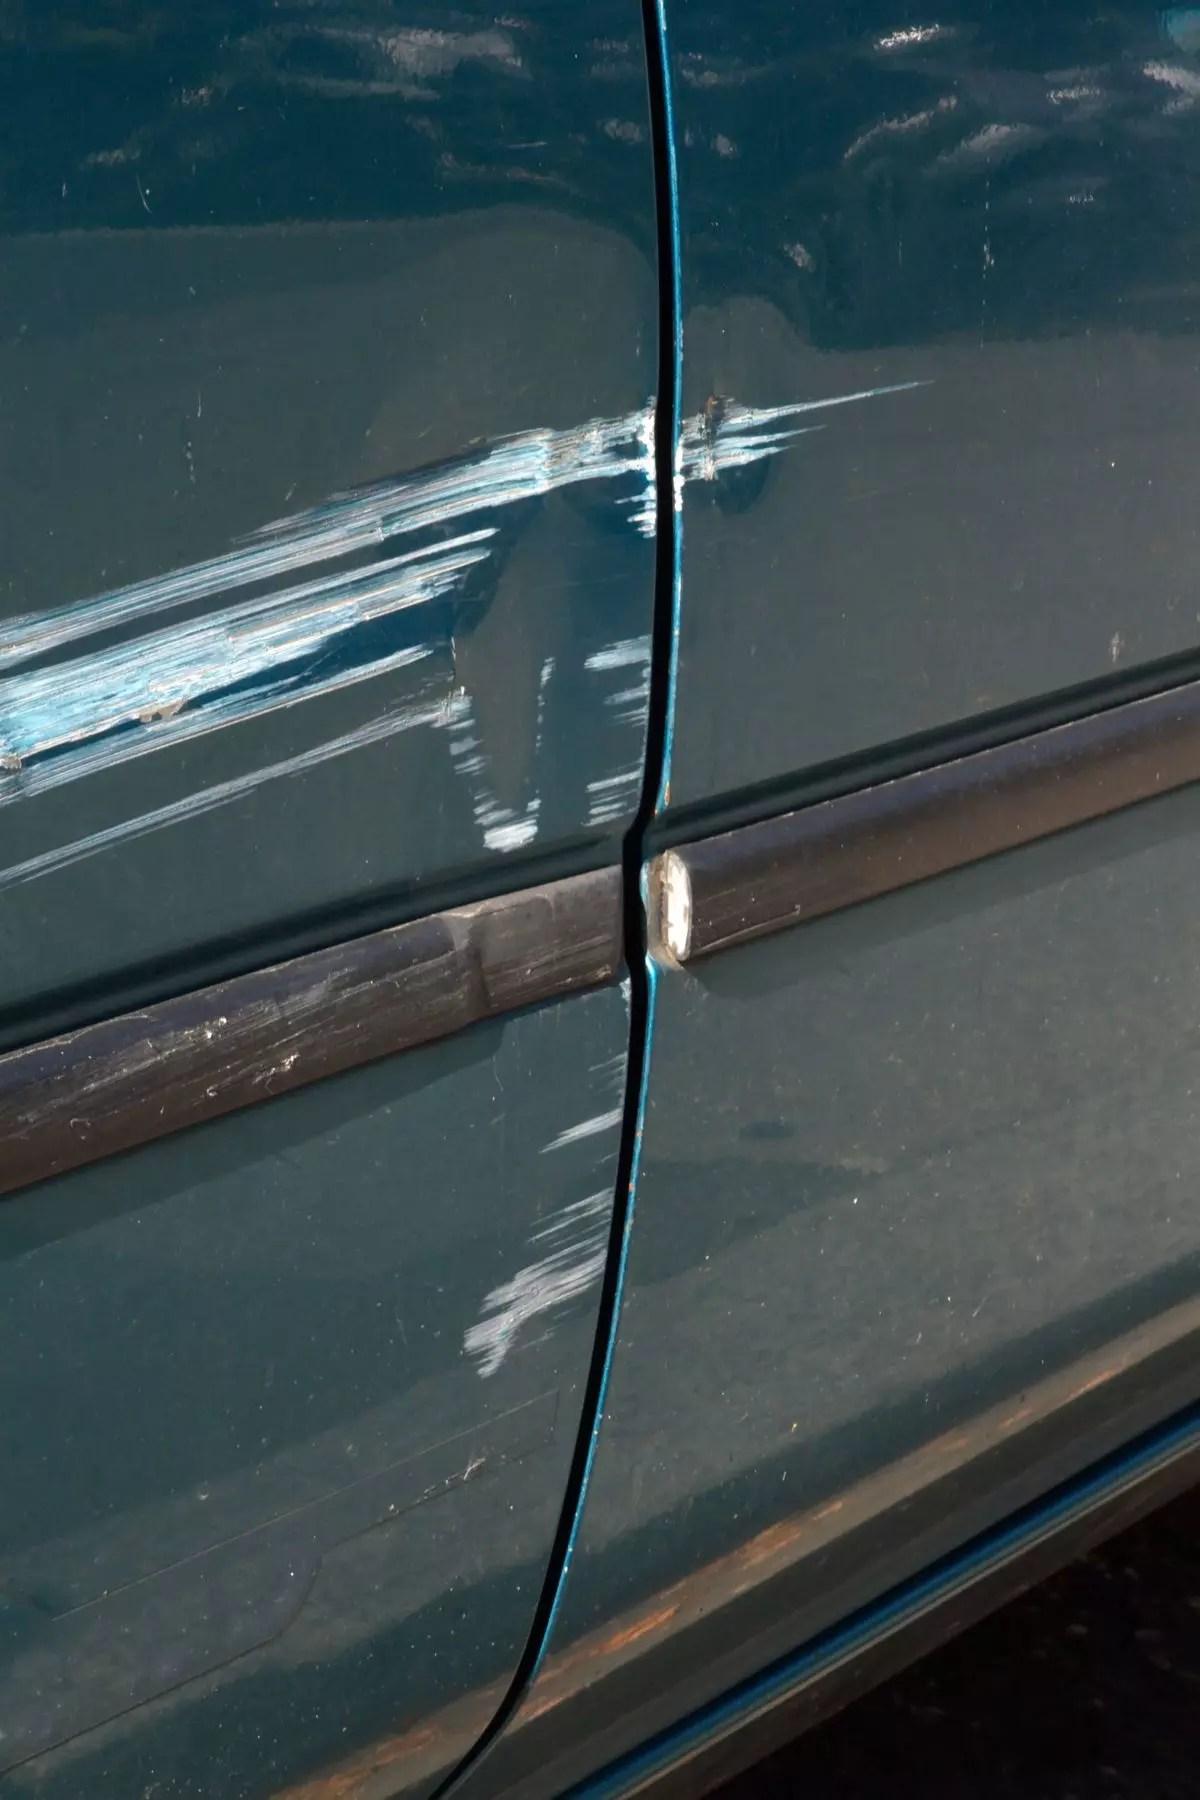 Comment enlever une trace de peinture ou une rayure sur une carrosserie